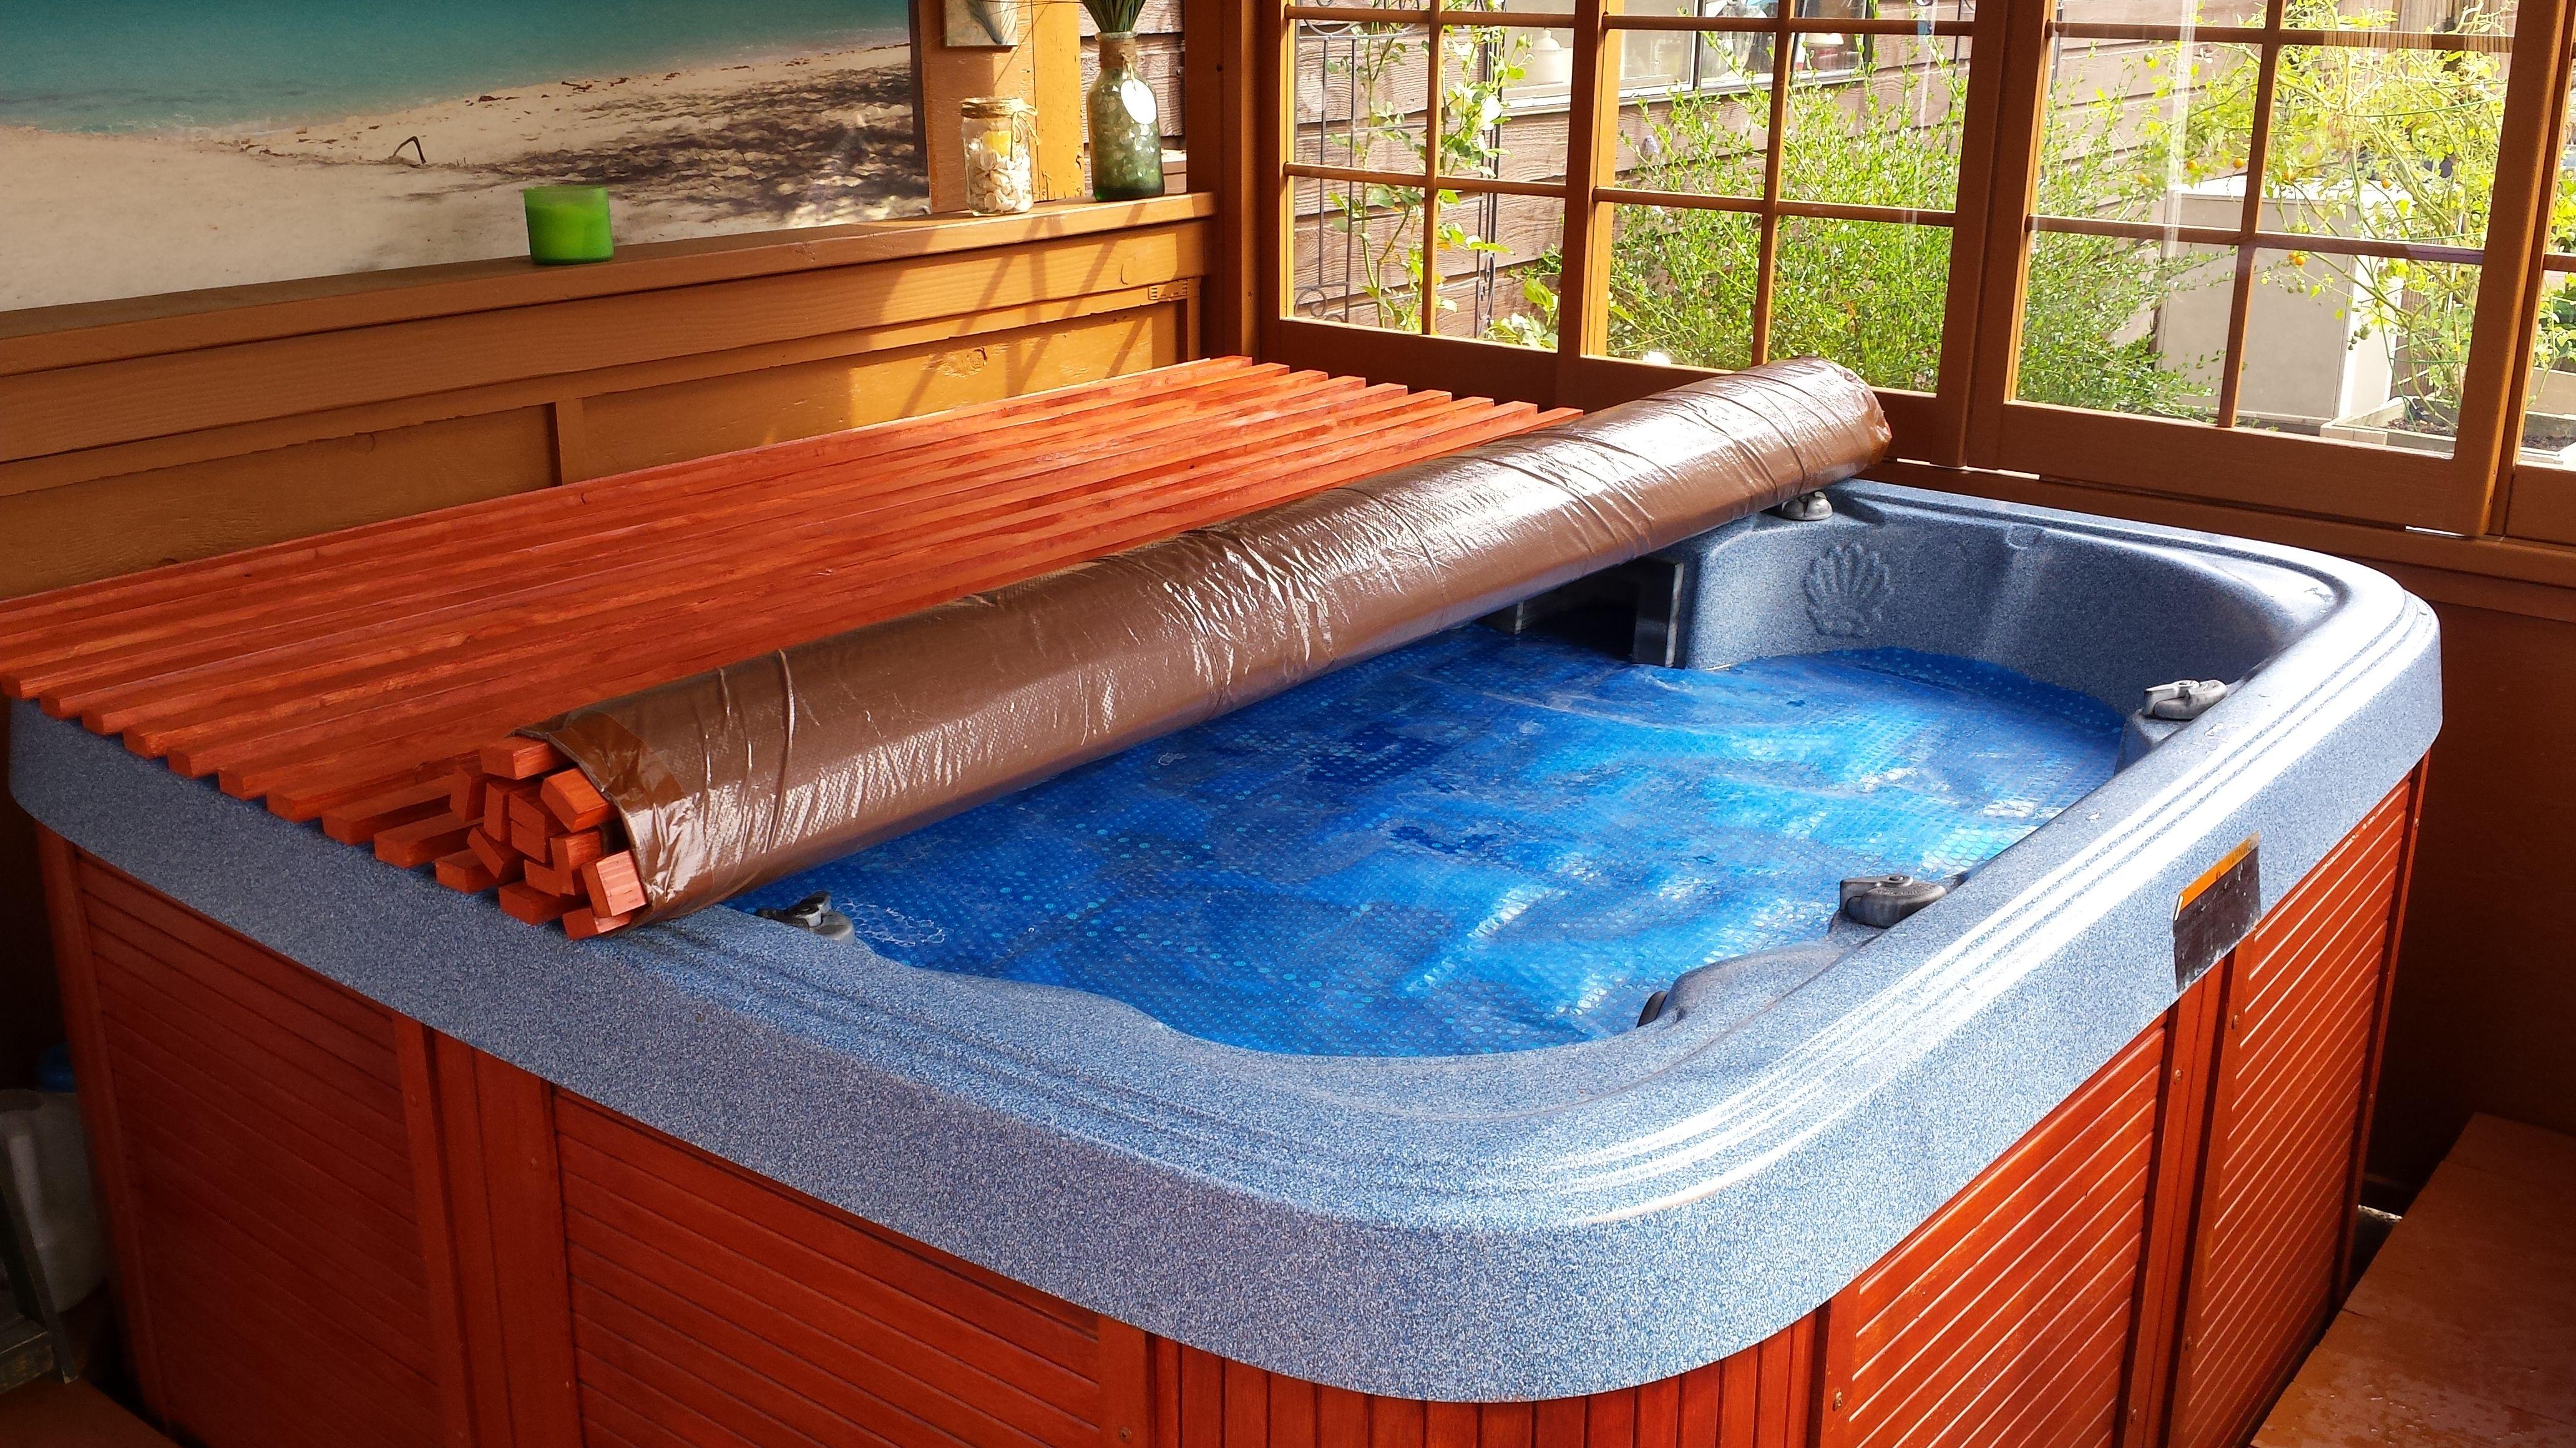 Diy hot tub cover tub cover hot tub cover hot tub backyard